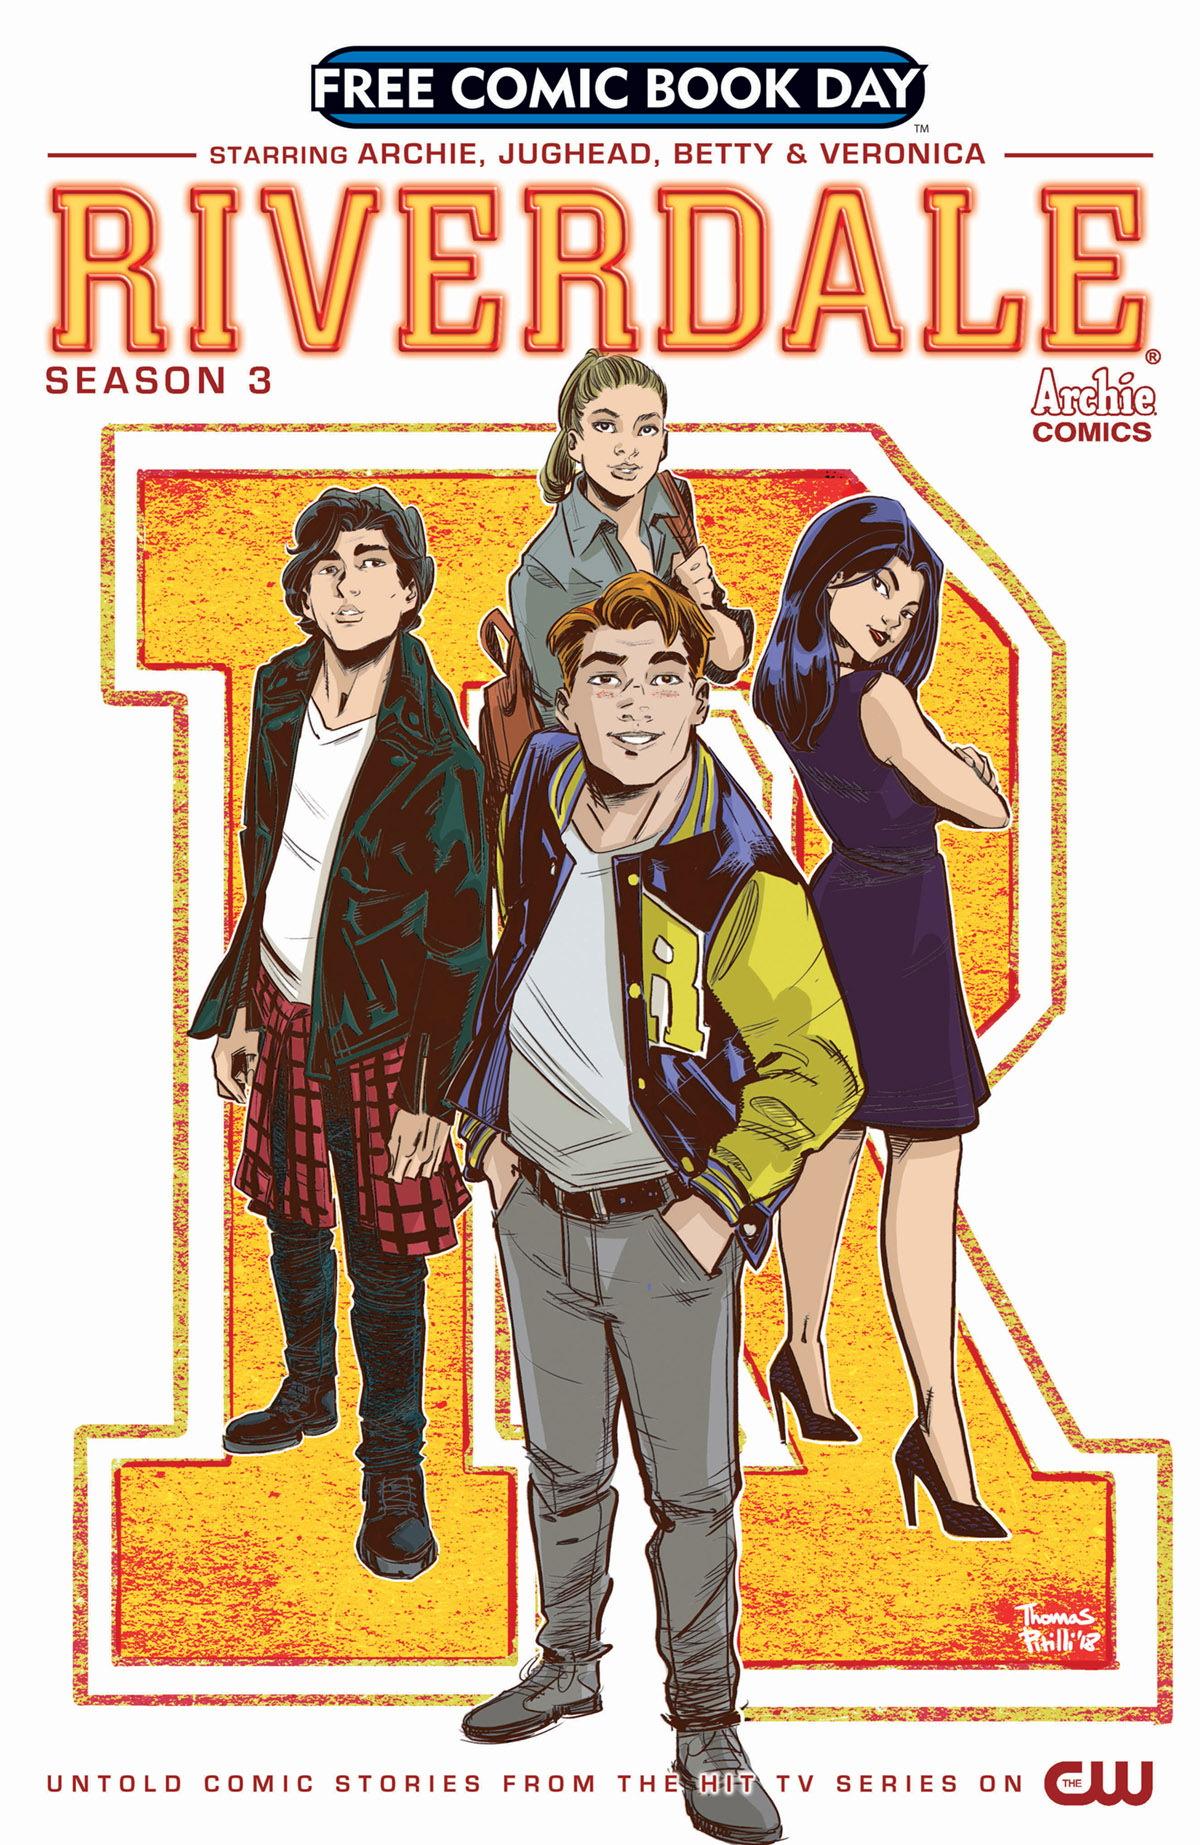 FCBD19_G_Archie Comics_Riverdale S 3 Special_2